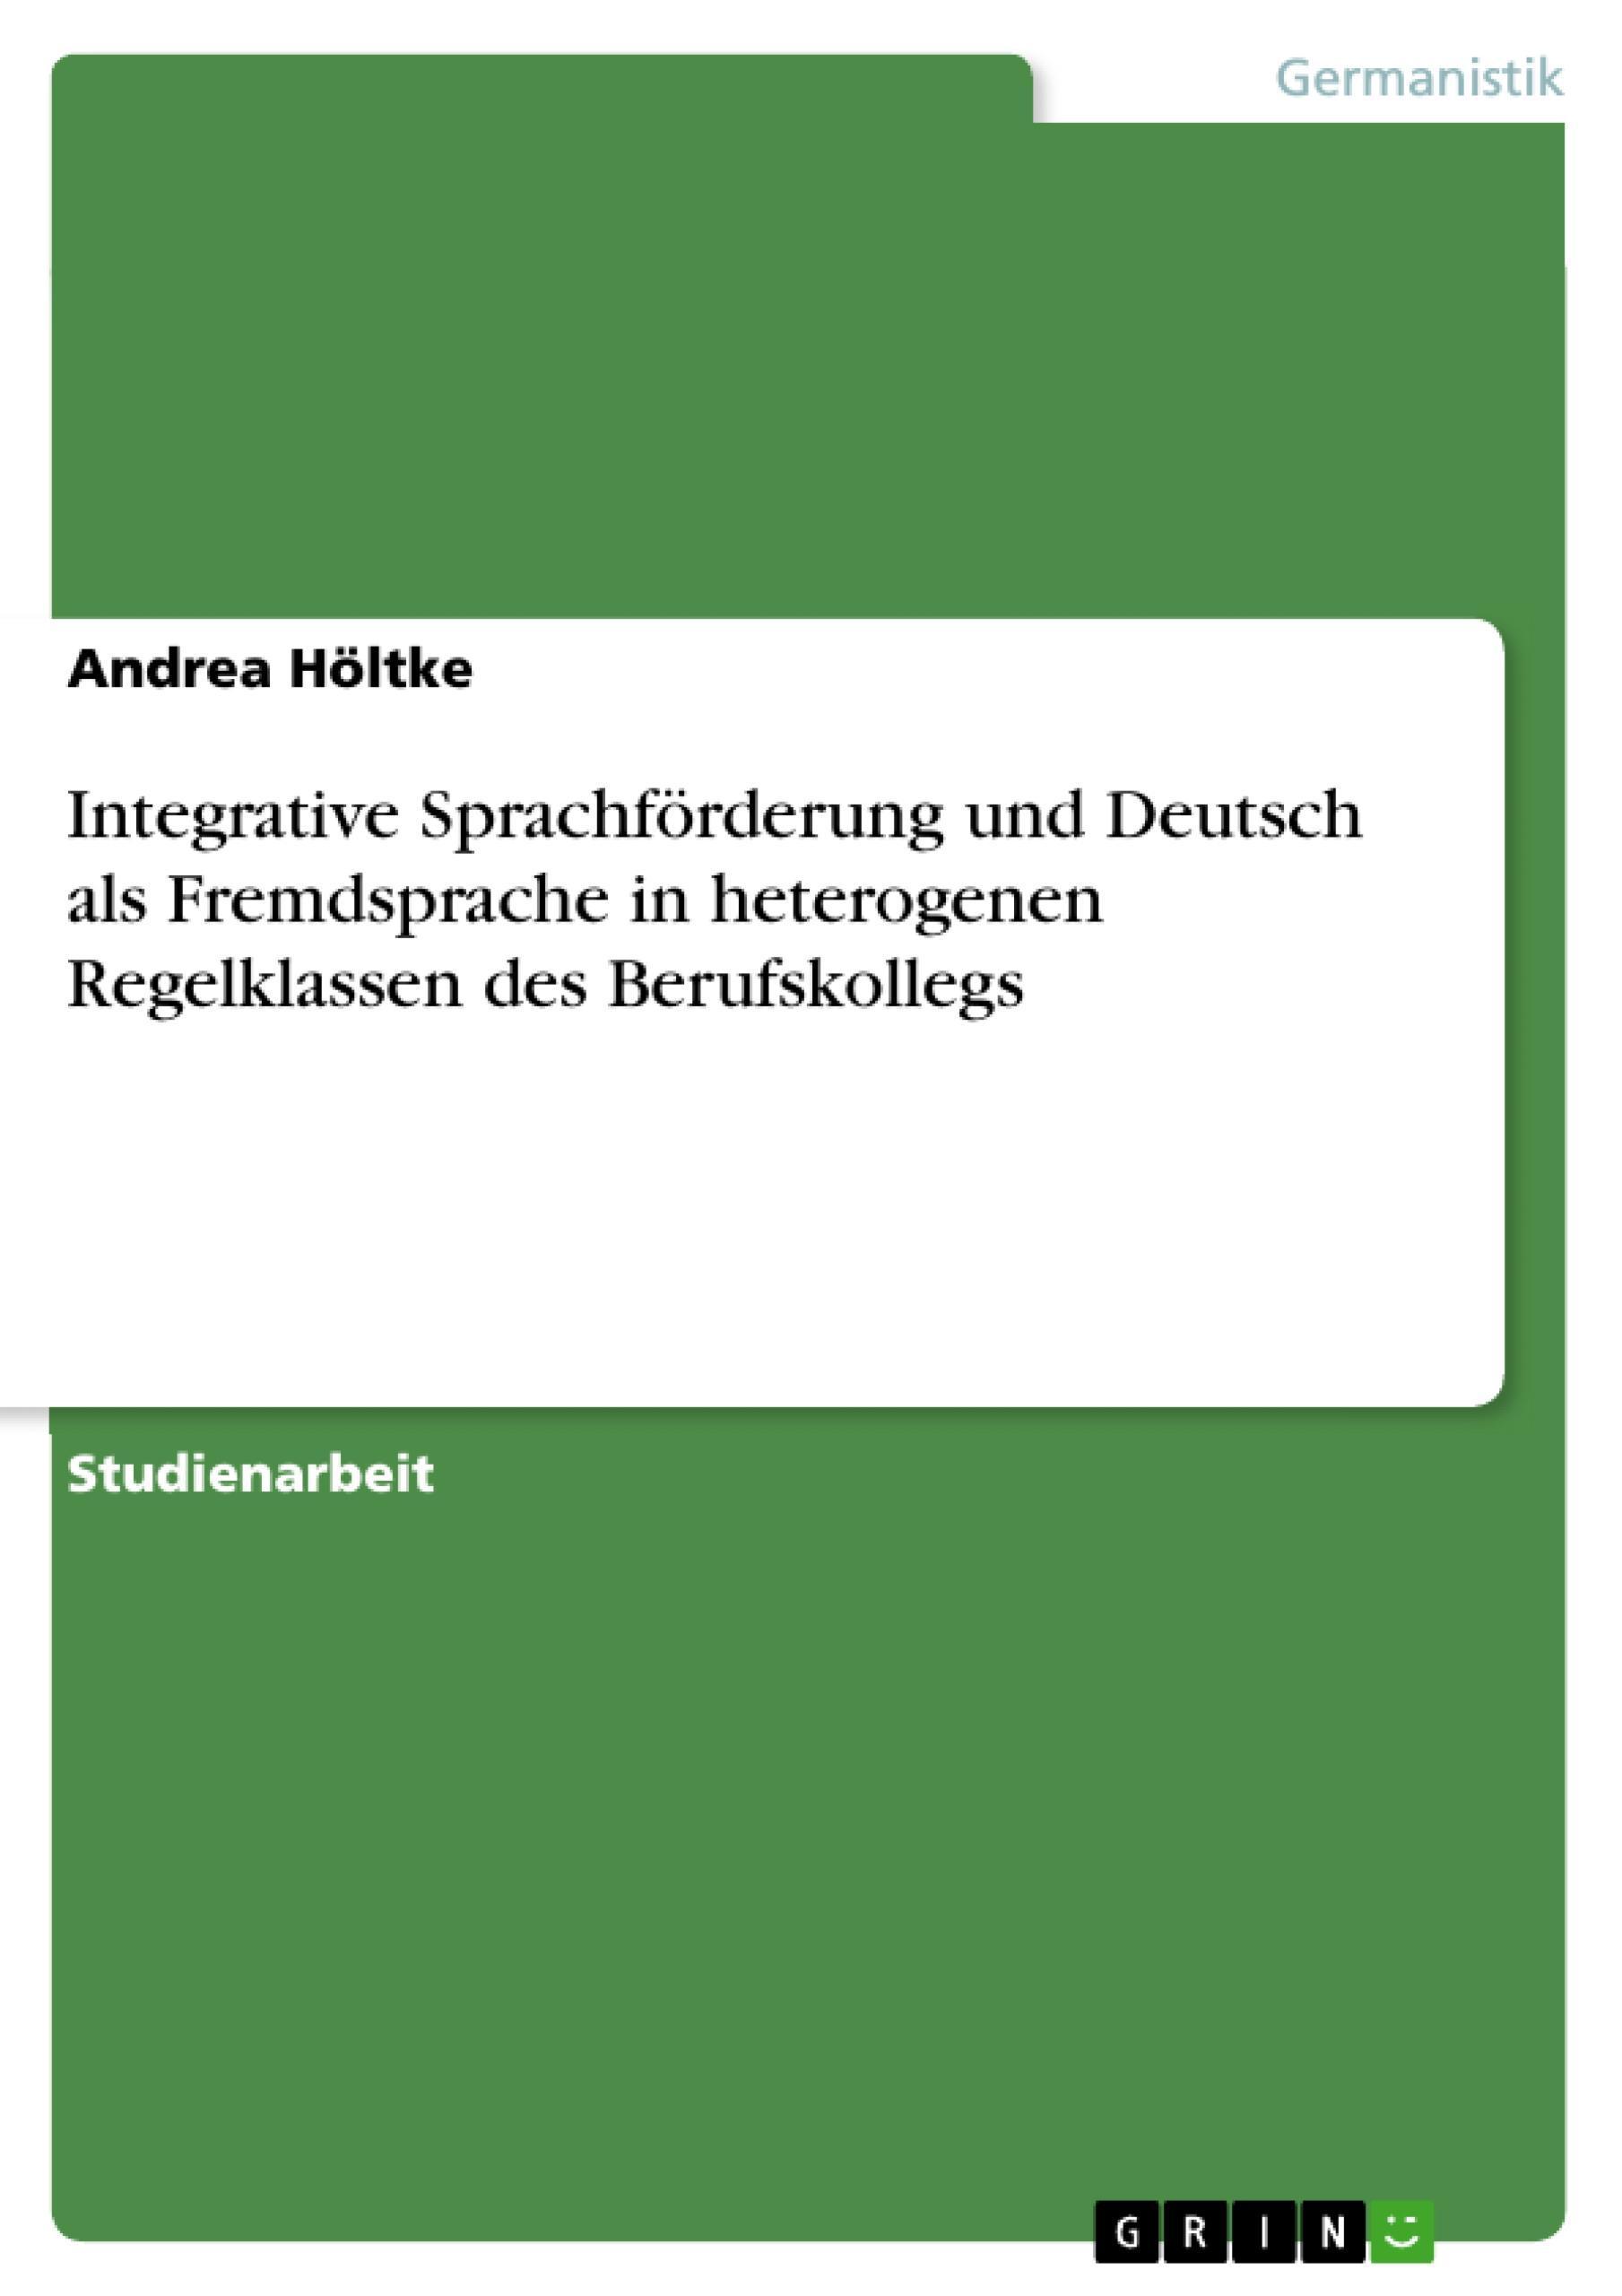 Integrative Sprachförderung und Deutsch als Fremdsprache in heterogenen Reg ...